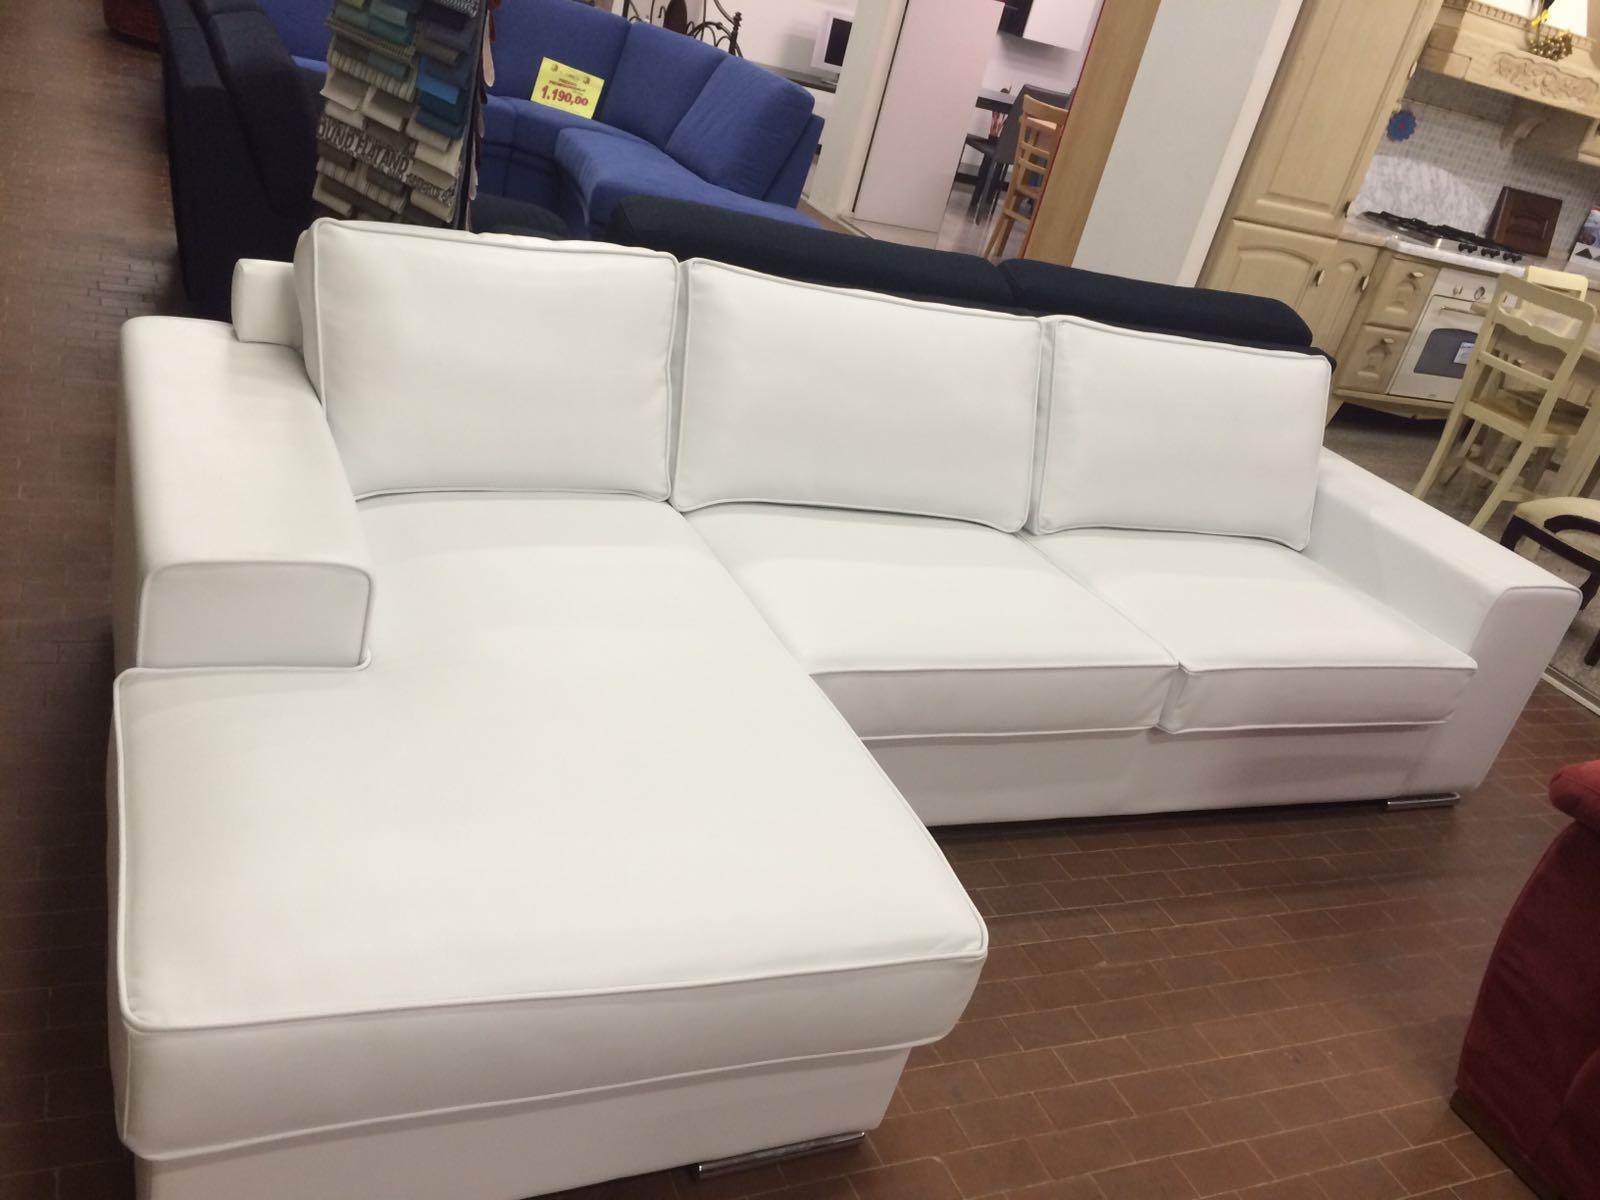 divano bianco in pelle con penisola gienne italia divani